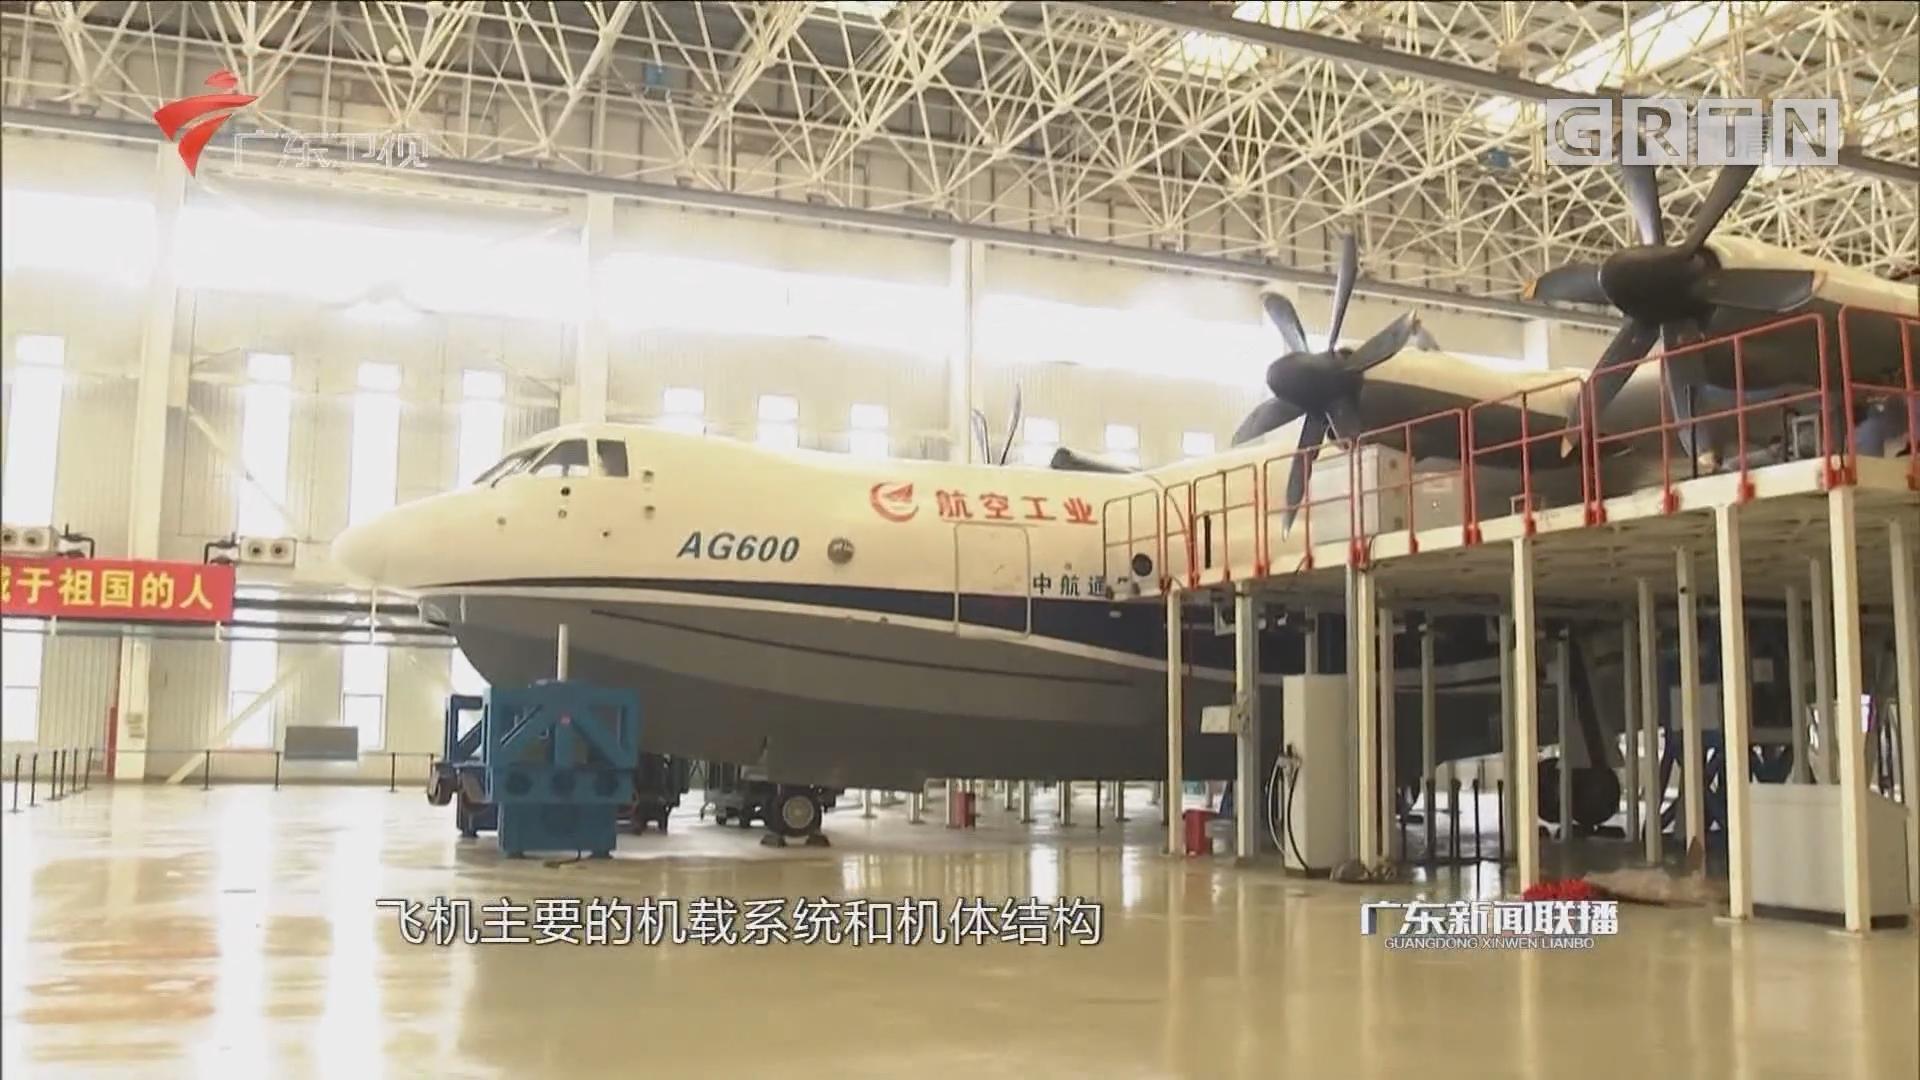 """""""鲲龙""""AG600:中国自研自制世界最大水陆两栖飞机"""